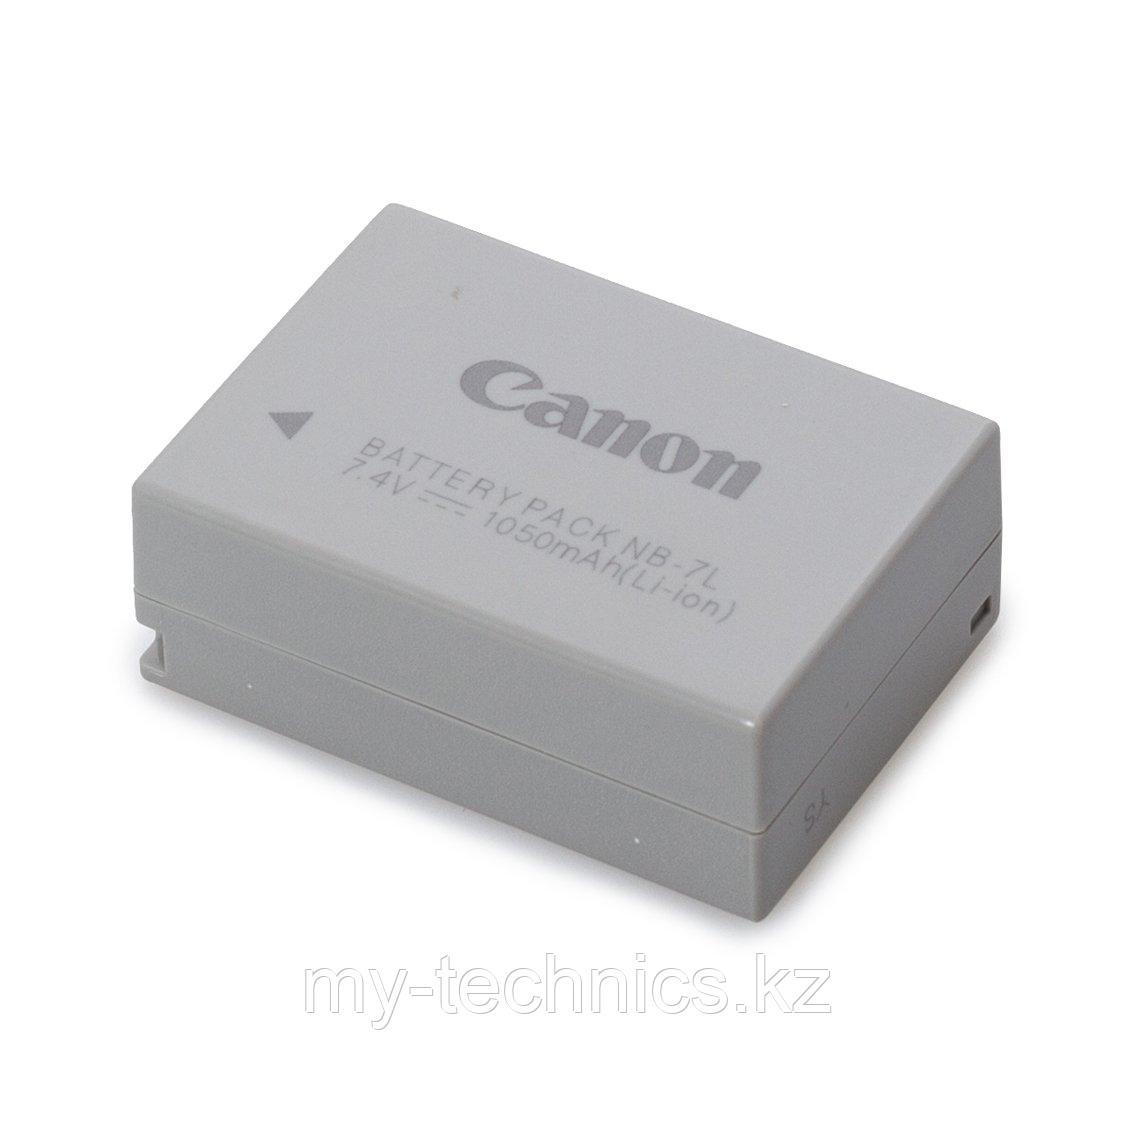 Аккумулятор Canon NB-7L (Оригинал)